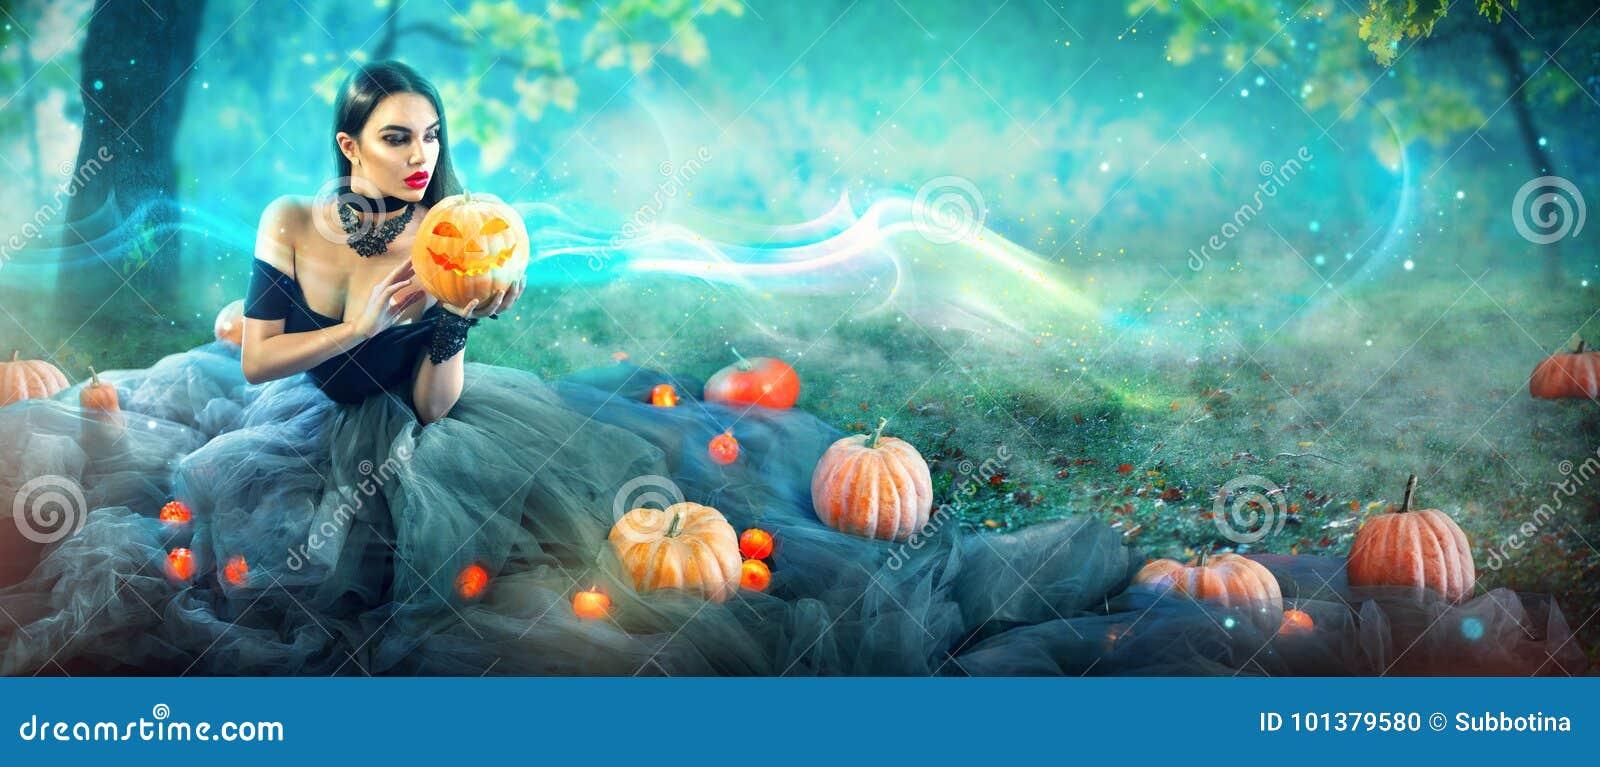 Halloween-heks met een gesneden pompoen en magische lichten in een bos